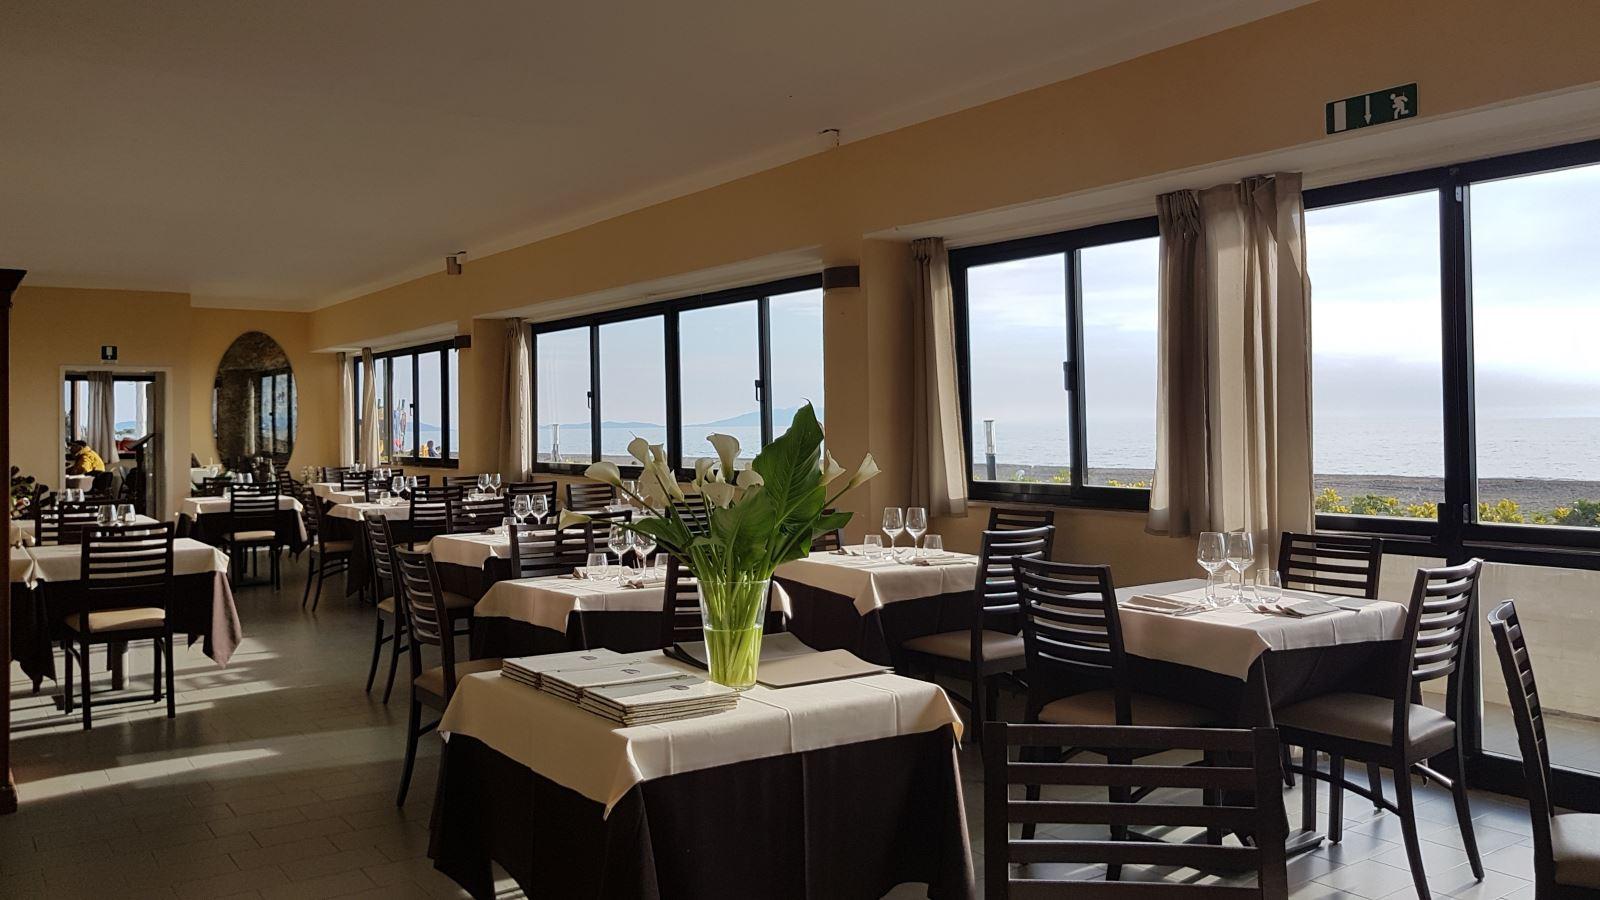 tavoli con fiori del ristorante